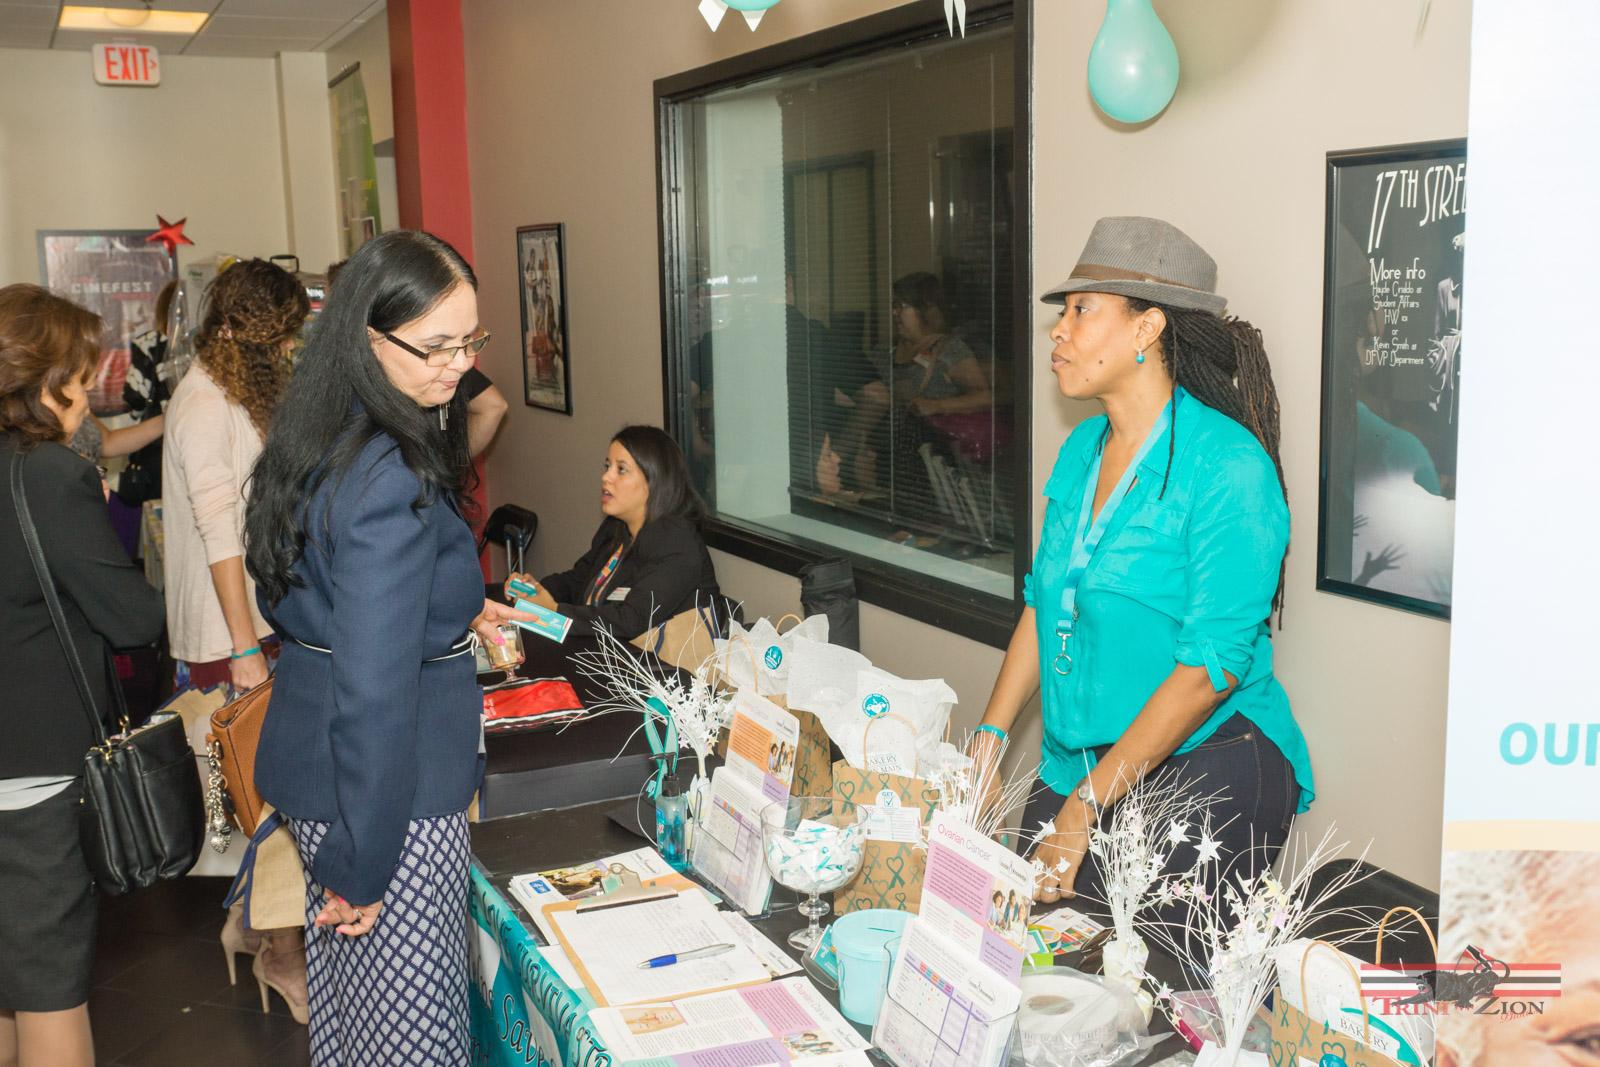 HispanicWomenSummit45 - Hispanic Women Health Awareness -Fort Lauderdale 2016